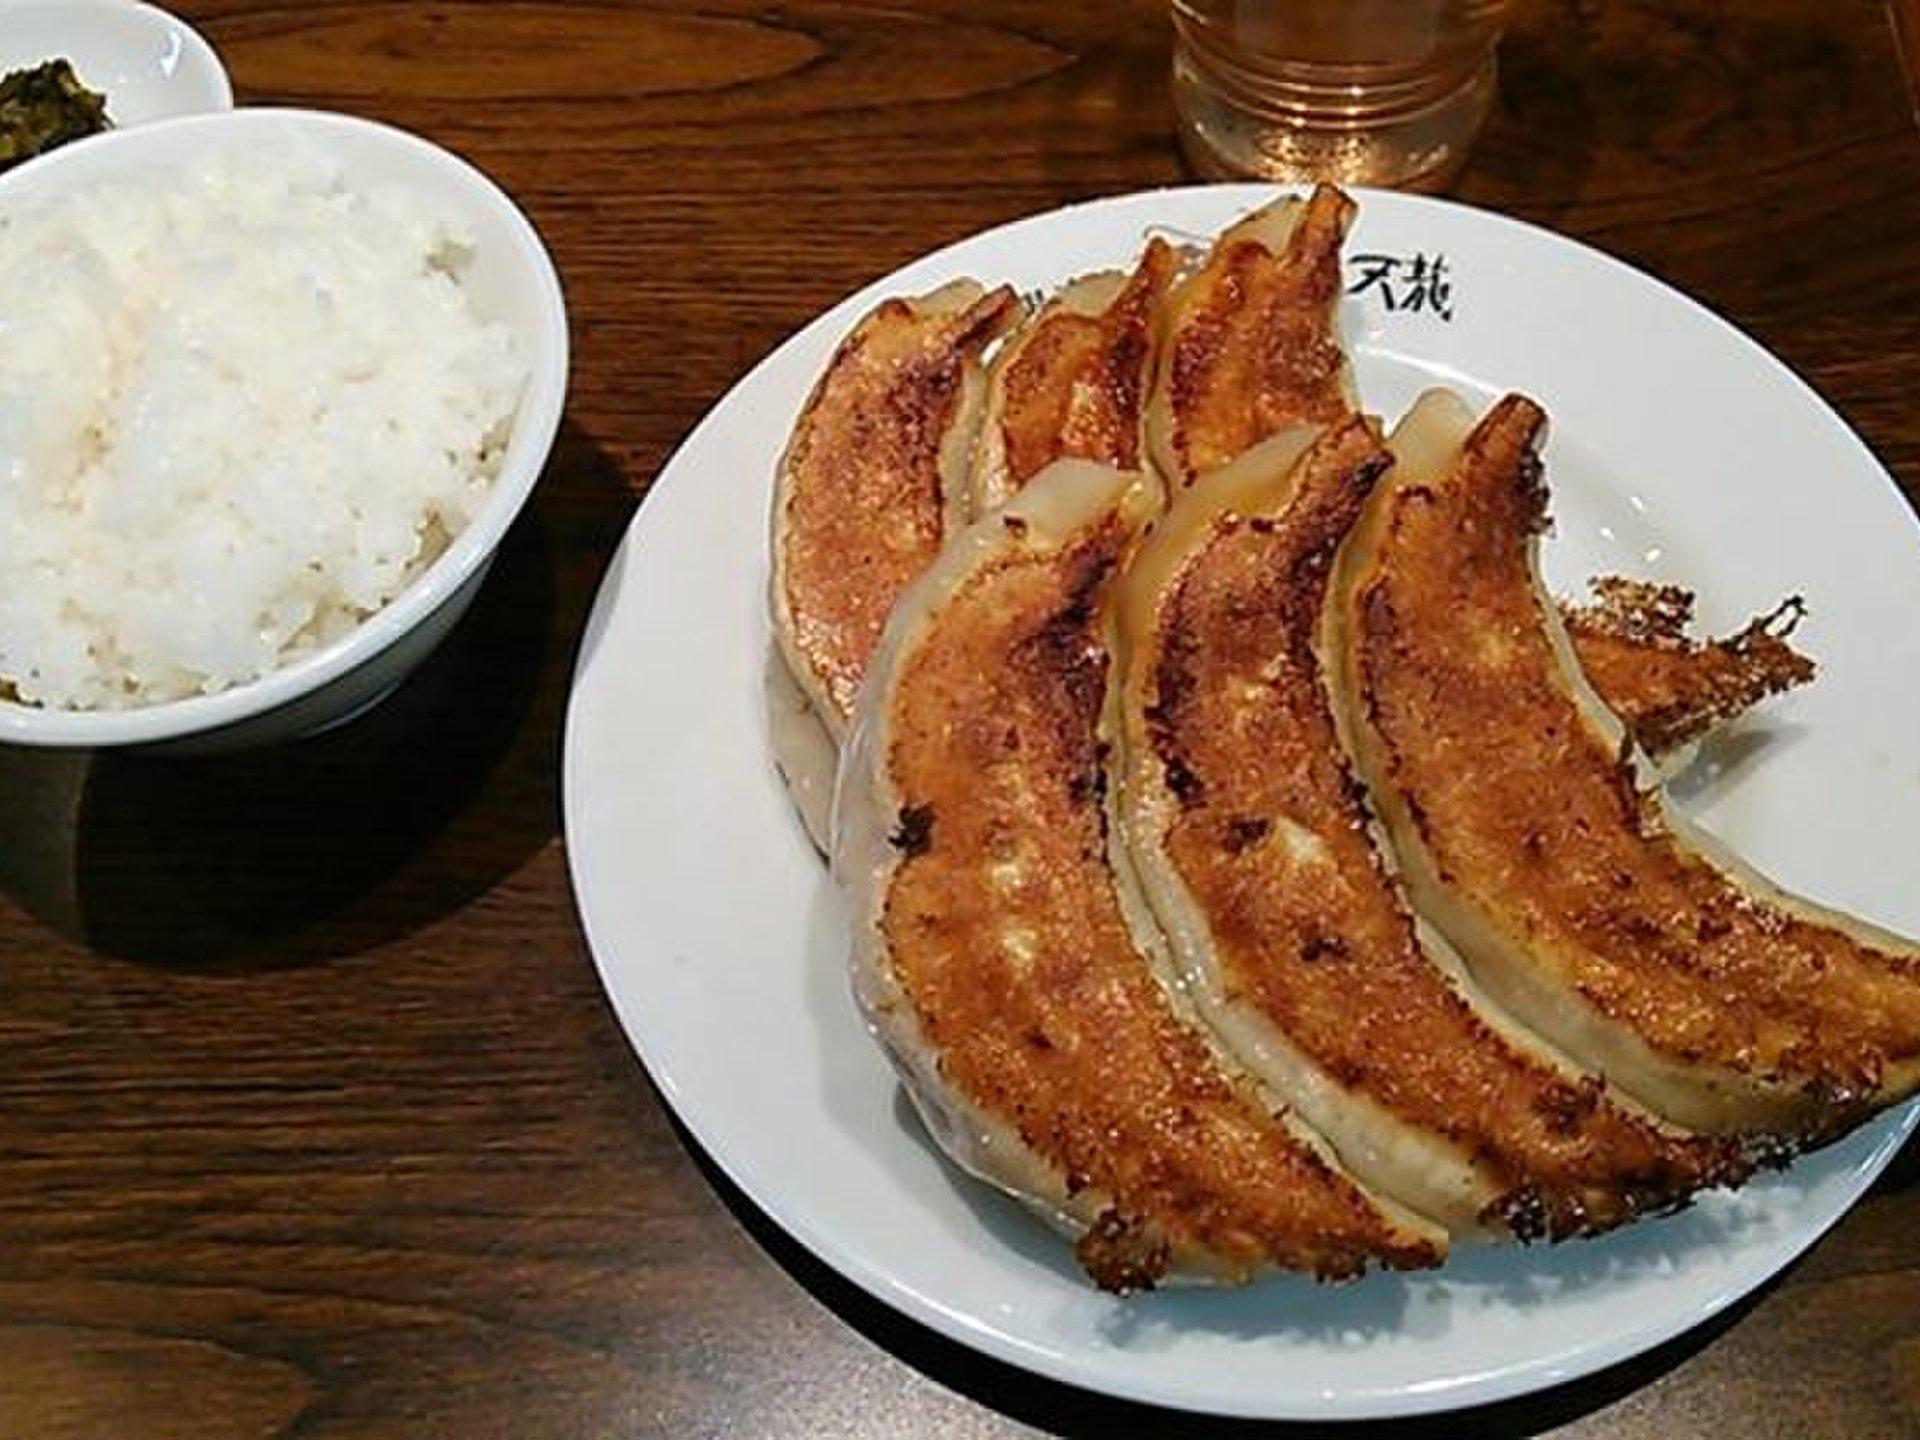 【池袋おすすめグルメ3選!夜に安くて美味しいお店編】早大美食サークル幹事長厳選